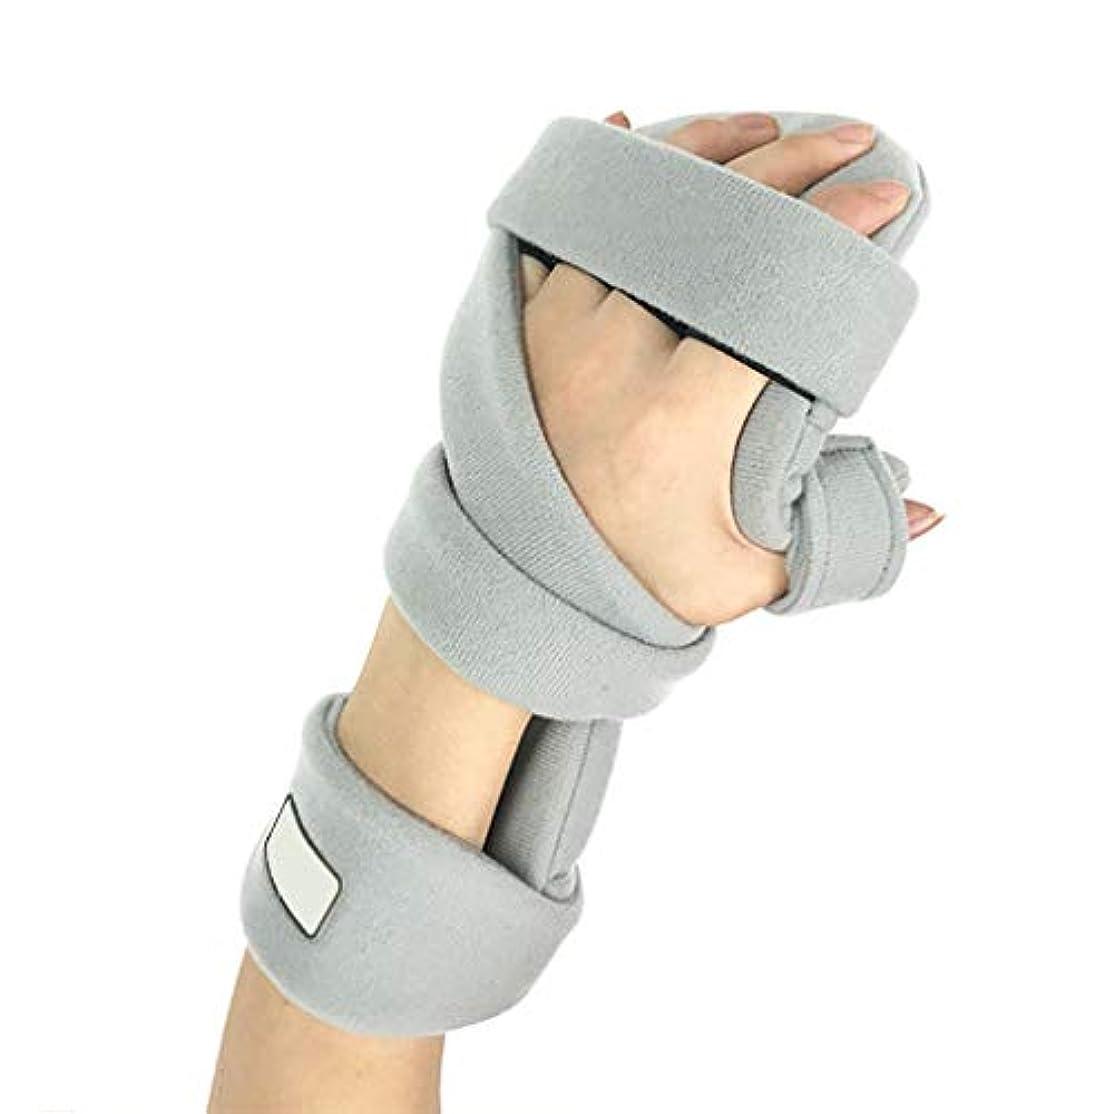 一時的代理店囲まれたリハビリテーションの指板 - 調節可能な副子の整形外科の装具、高齢者のために固定される訓練装置の手首の骨折片麻痺,Left